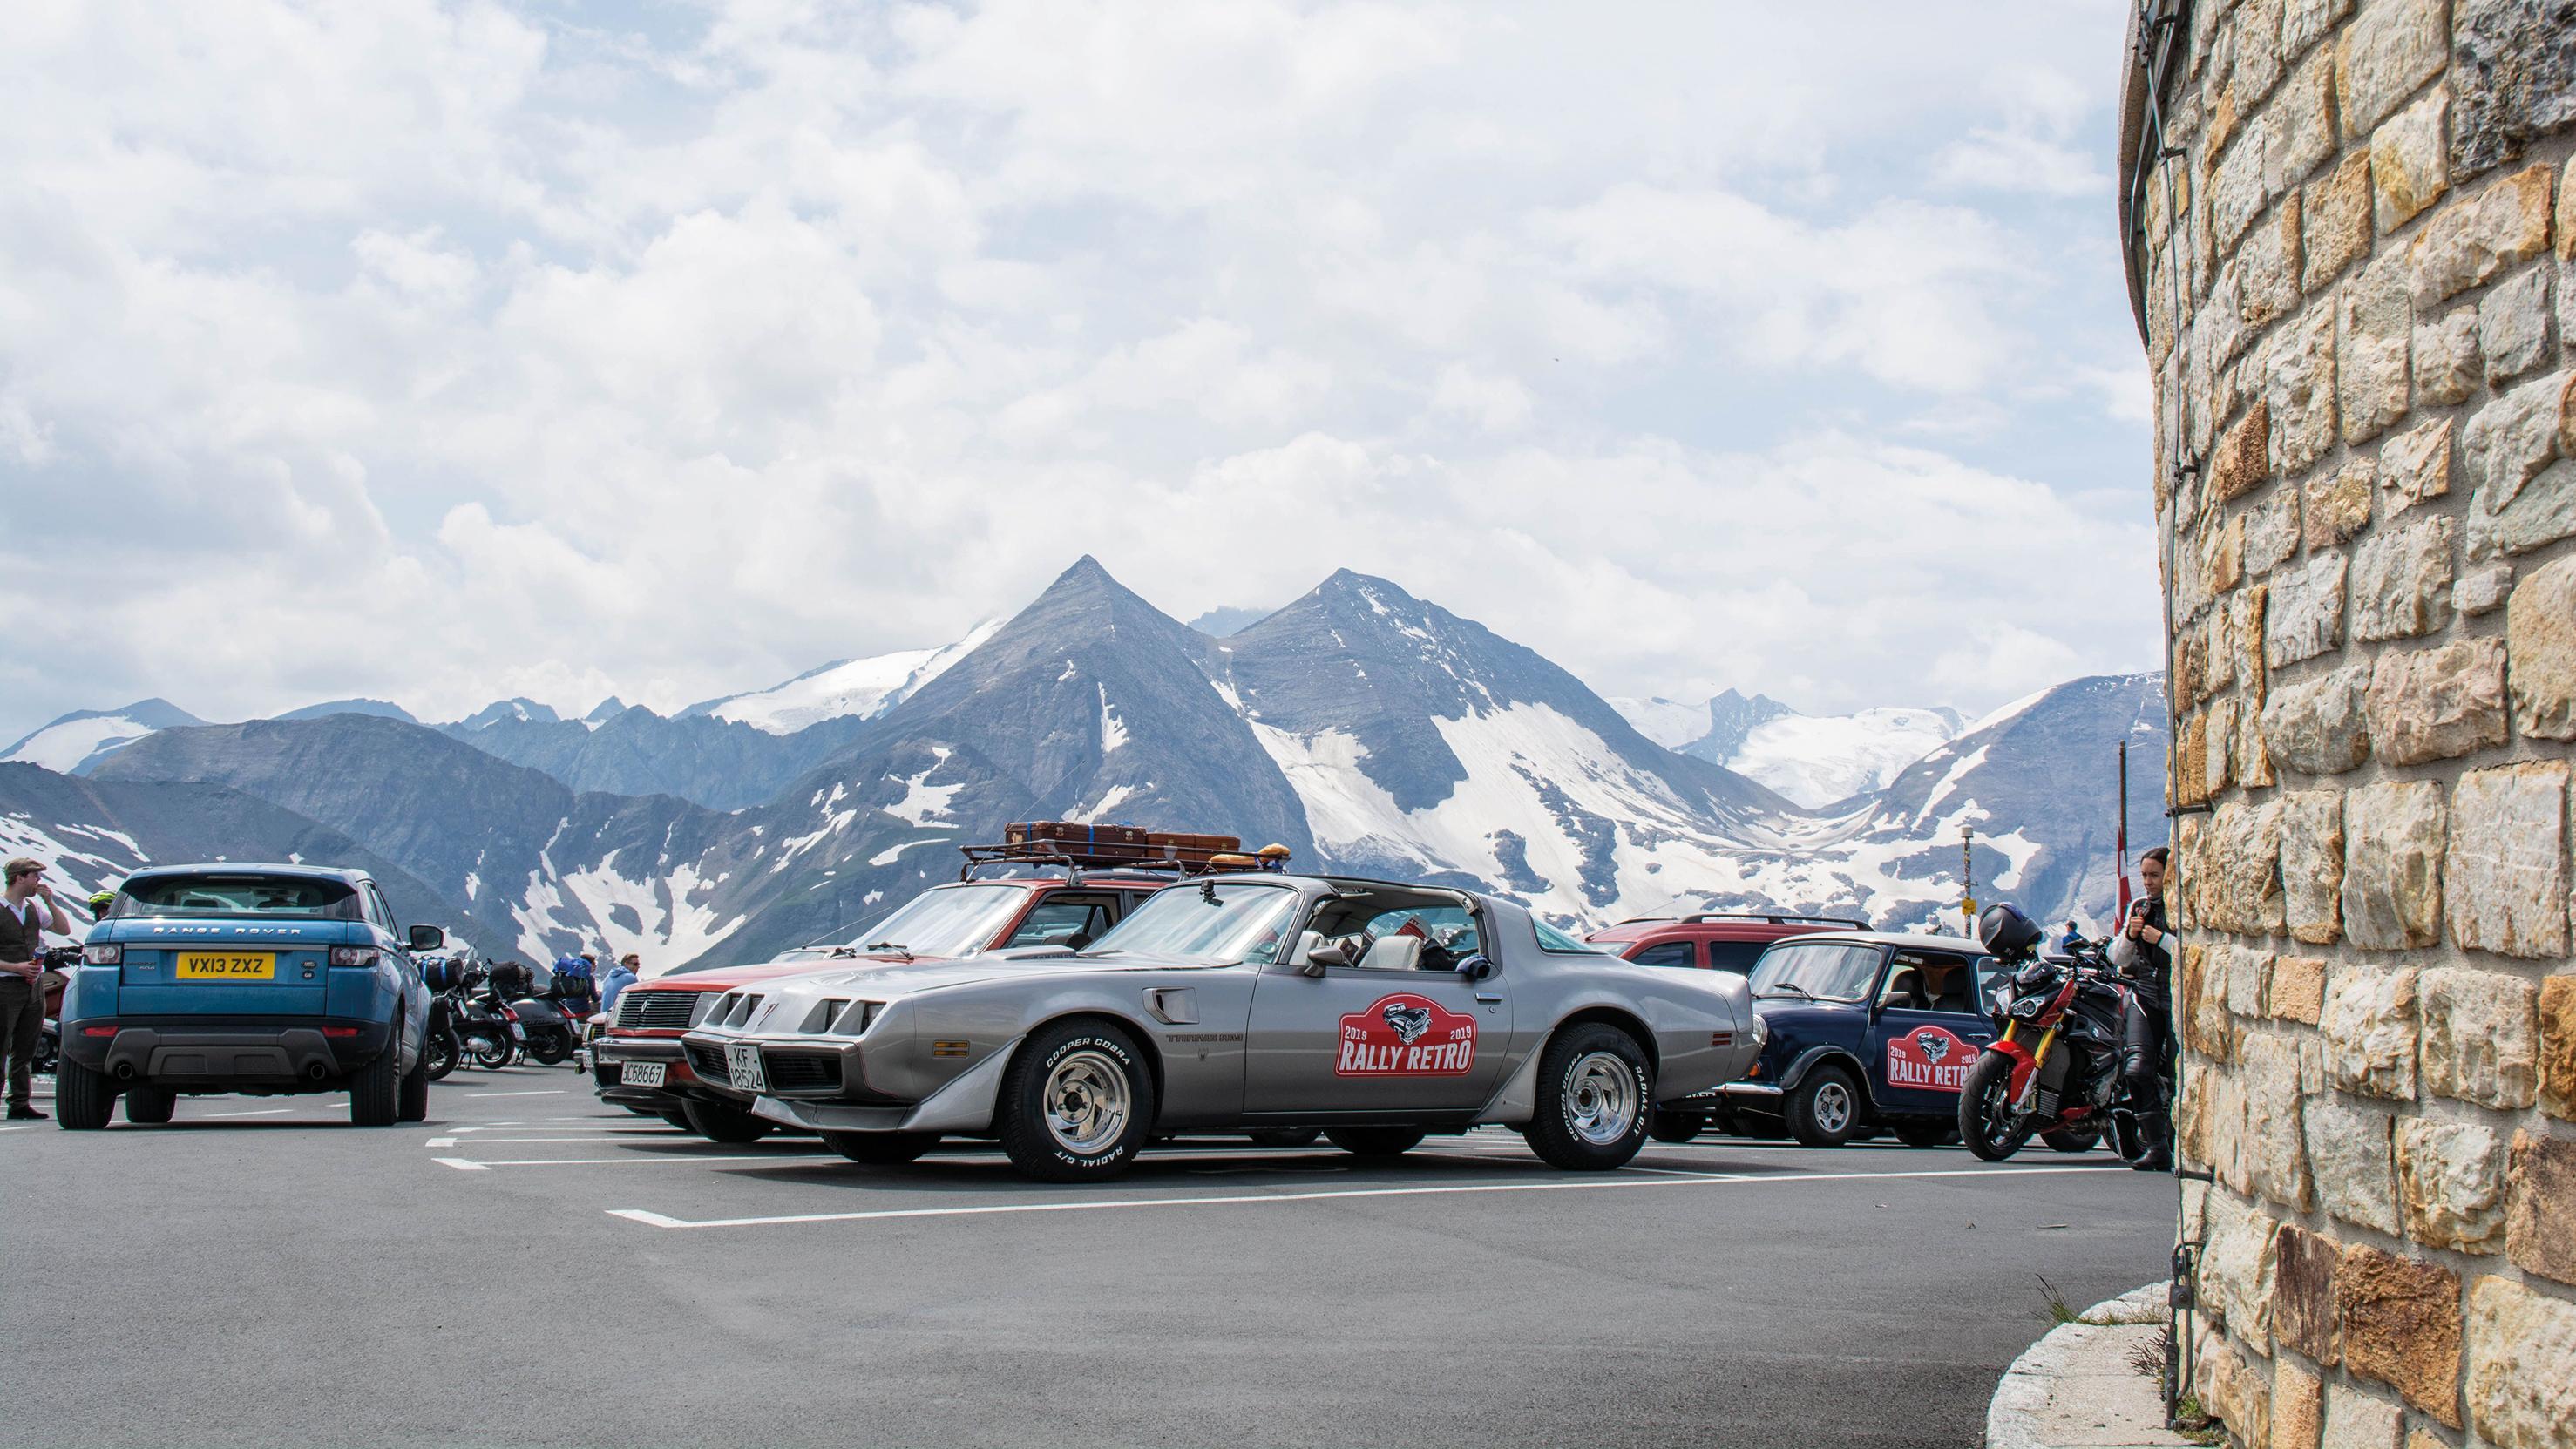 Pontiacen ble en populær begivenhet på utkikkspunkt i Alpene